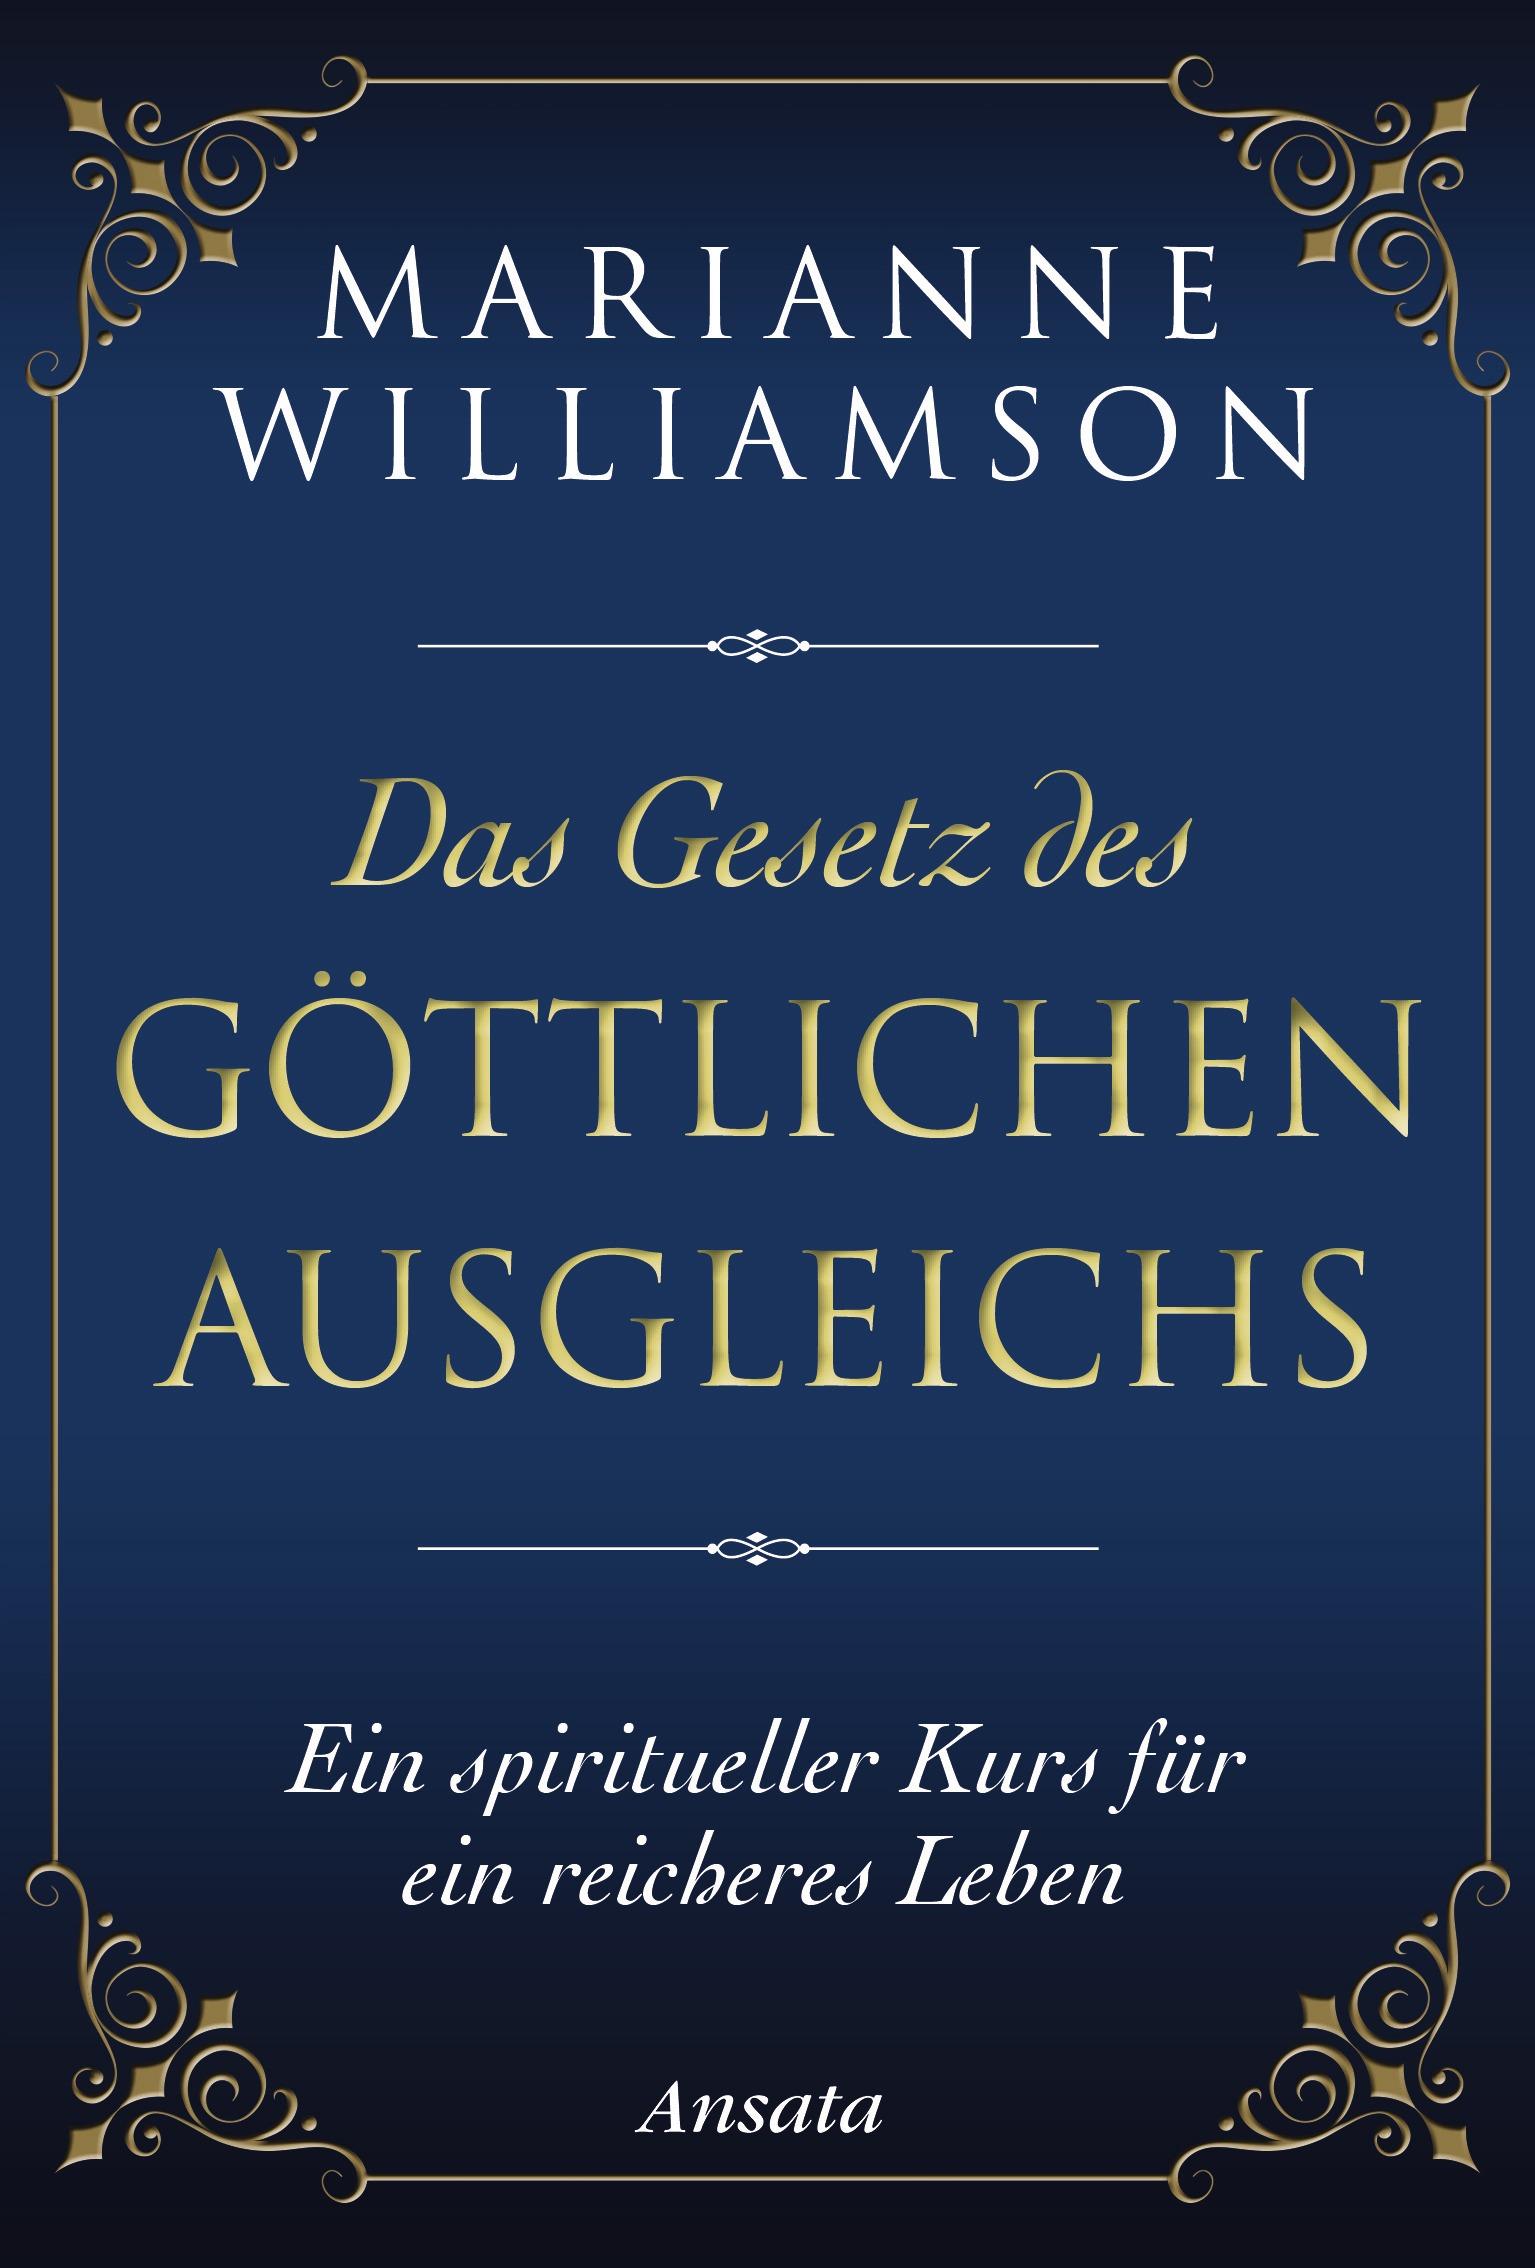 Das Gesetz des göttlichen Ausgleichs Marianne Williamson